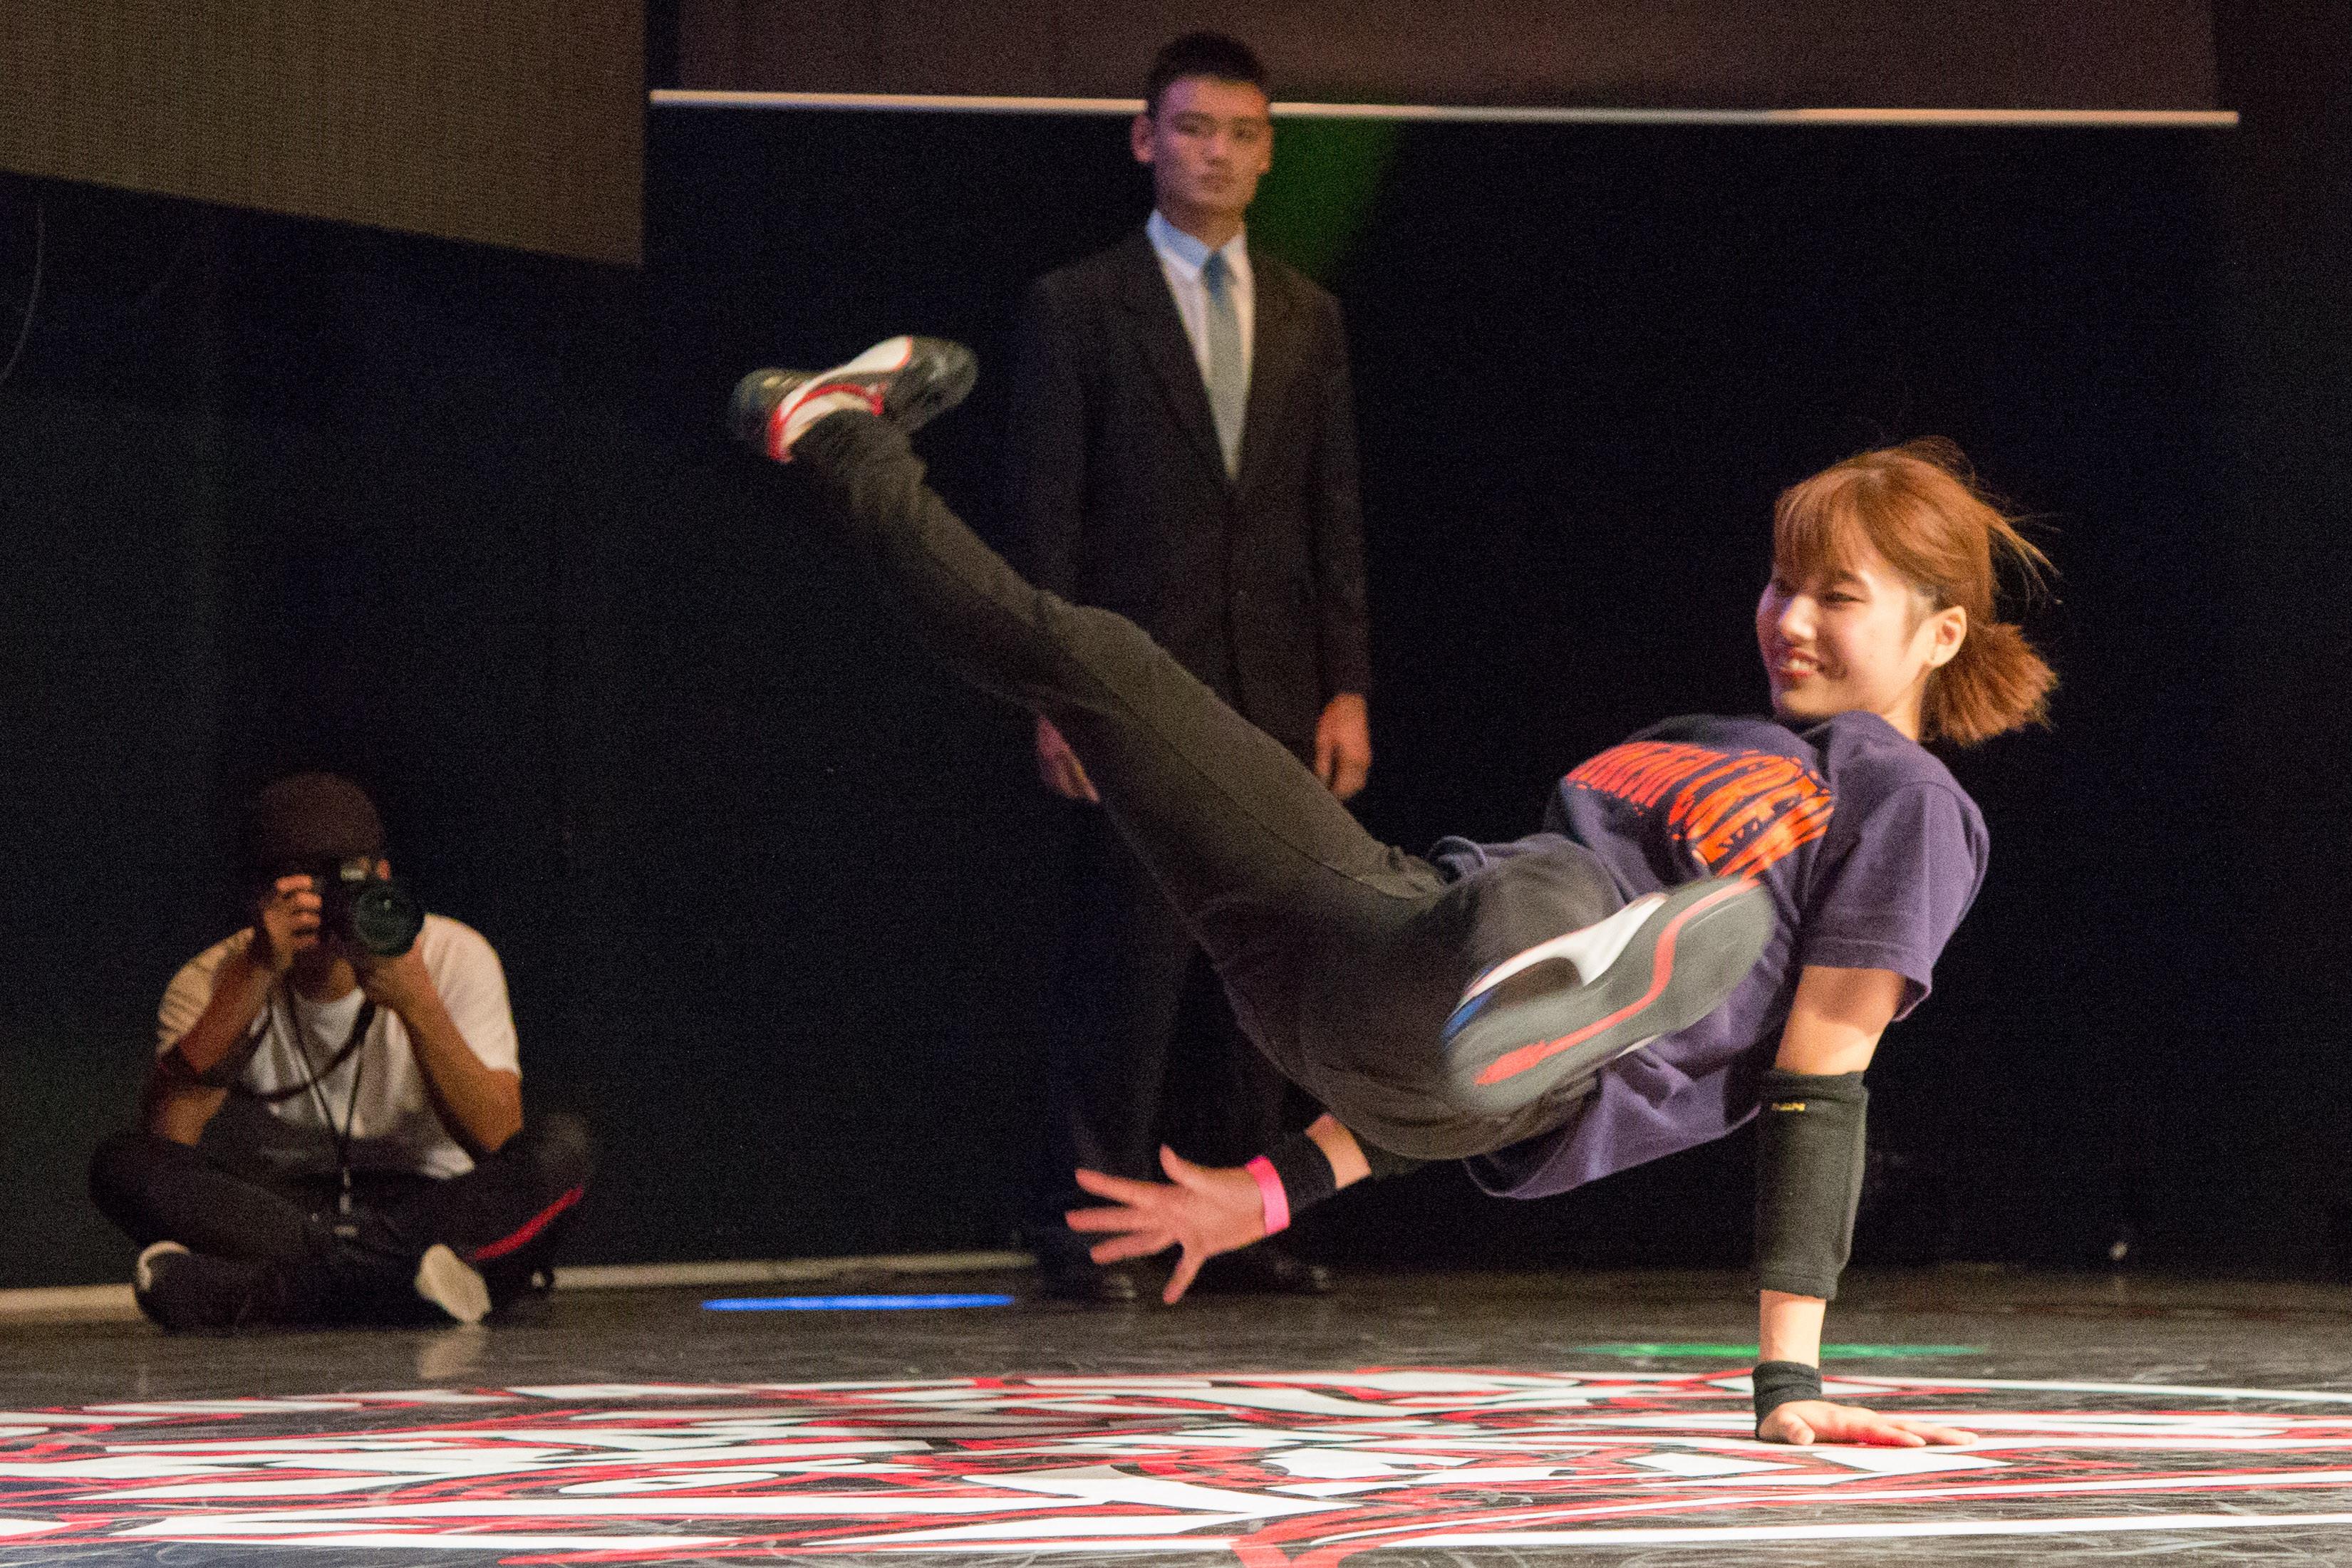 TOYOTA BOTY TAIWAN 世界霹靂舞爭霸賽(台灣資格賽)(圖/記者季相儒攝)